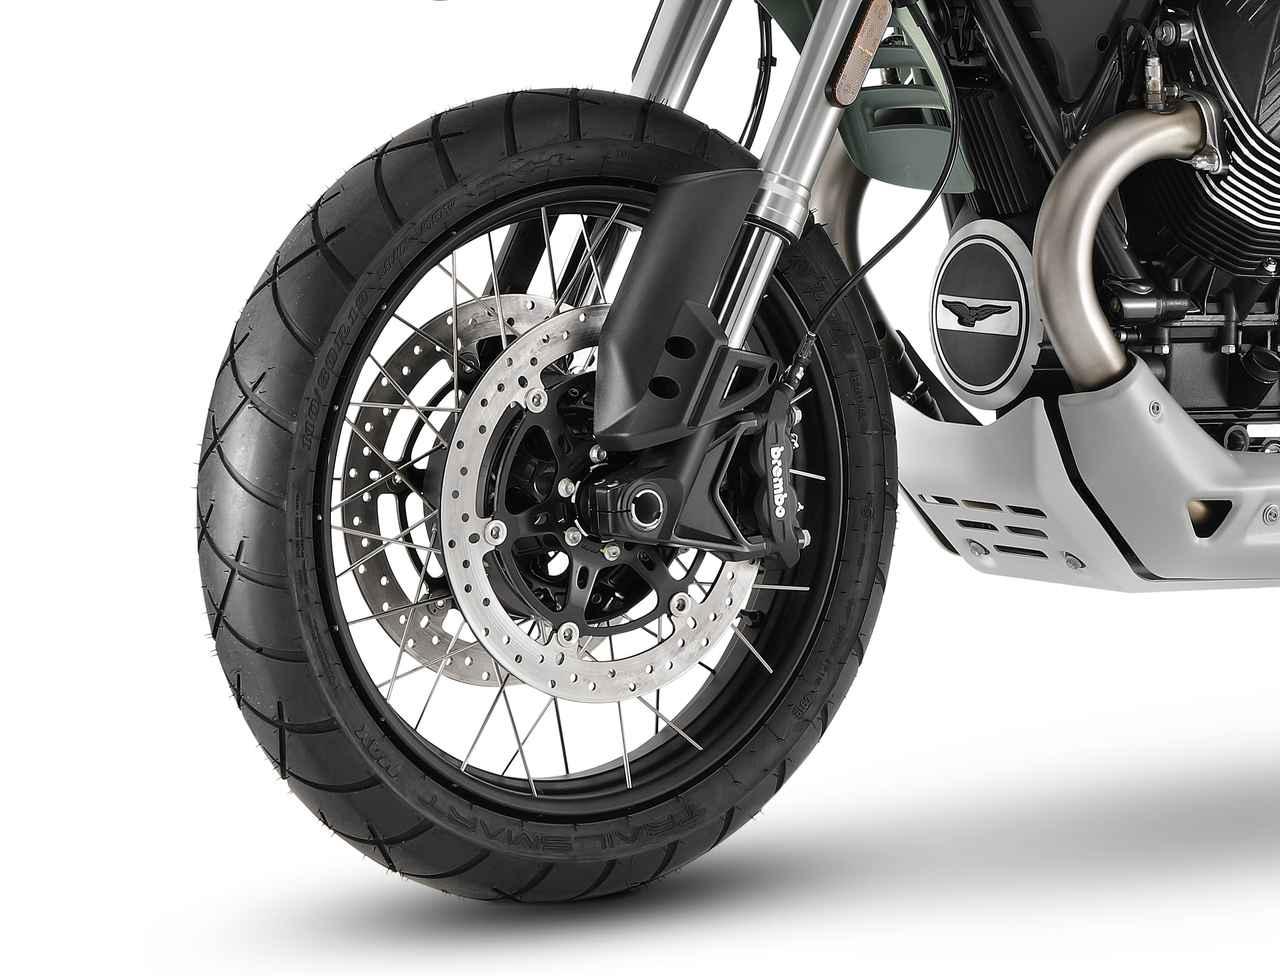 画像2: モト・グッツィ新型「V85 TT」シリーズの特徴